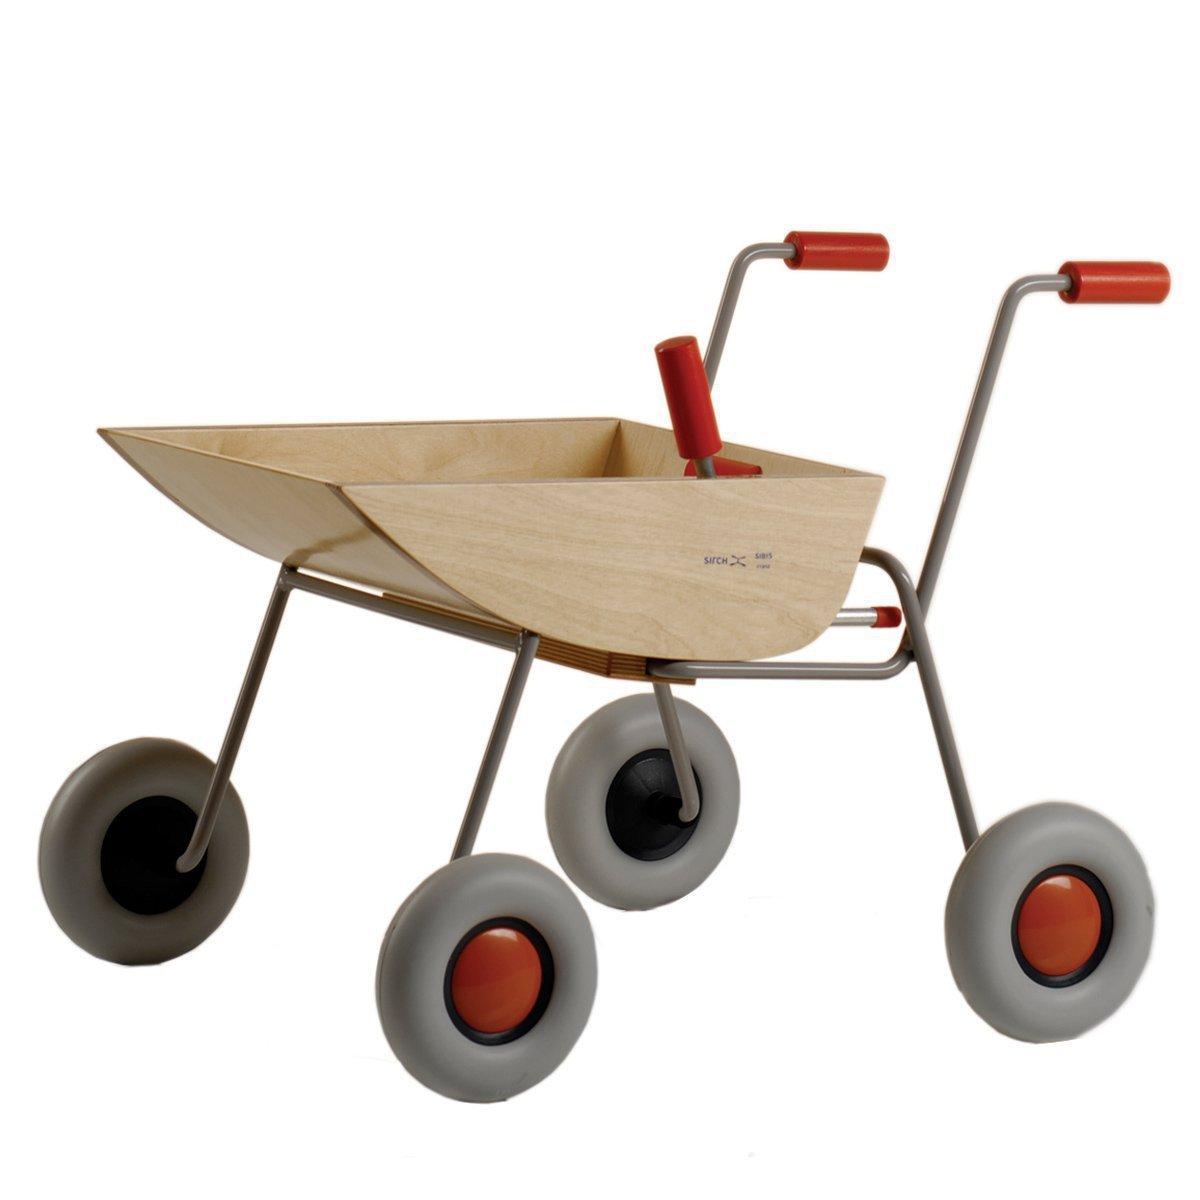 schubkarre kinder modelle aus holz farmfreunde. Black Bedroom Furniture Sets. Home Design Ideas